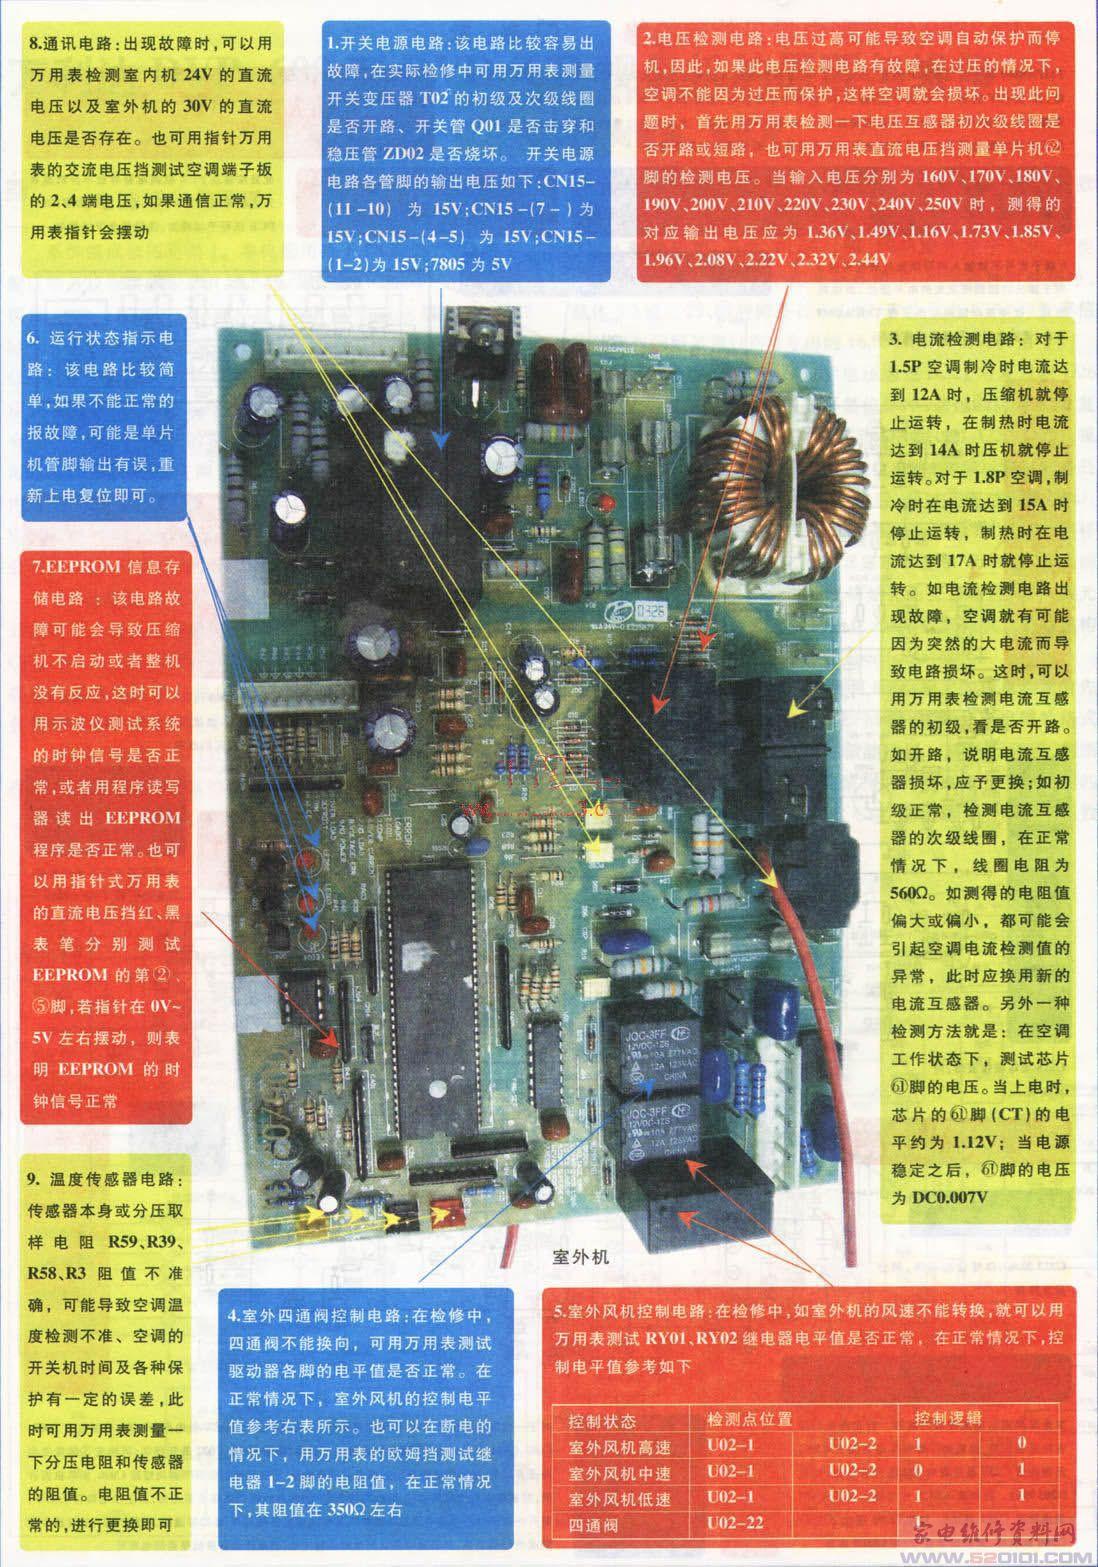 海信KFR-3602GW/BP空调室内外机控制板简介及检修图解